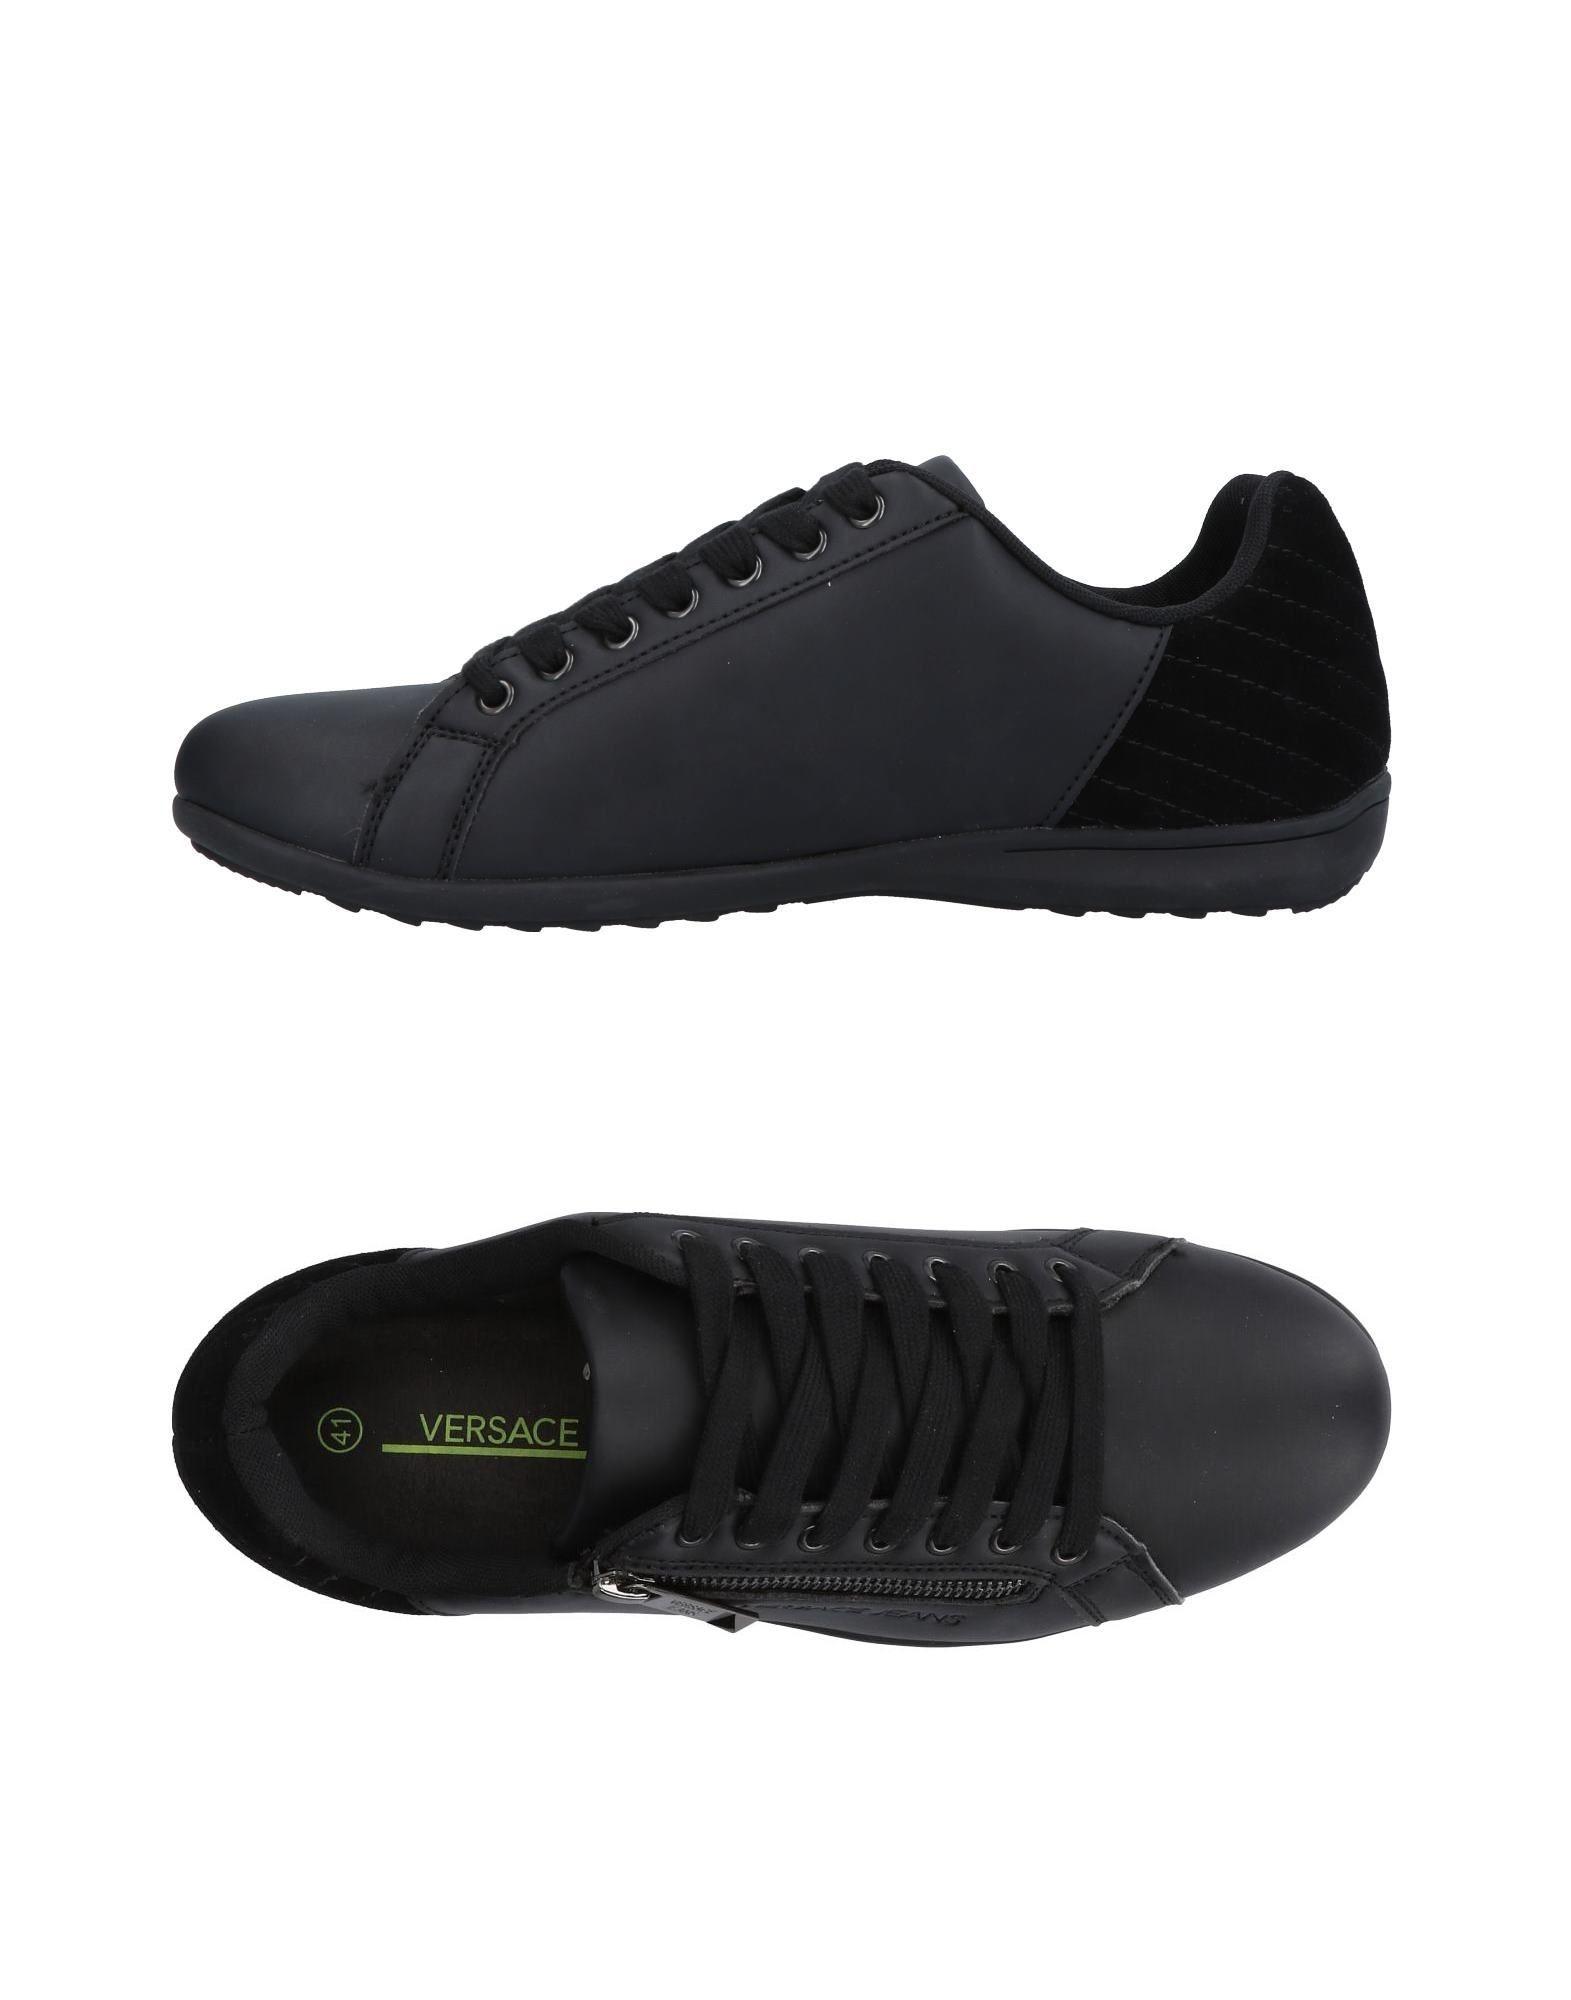 7d10f99bf7e2 Rabatt echte Schuhe Versace Jeans Sneakers Herren Versace 11465294VU e7353b